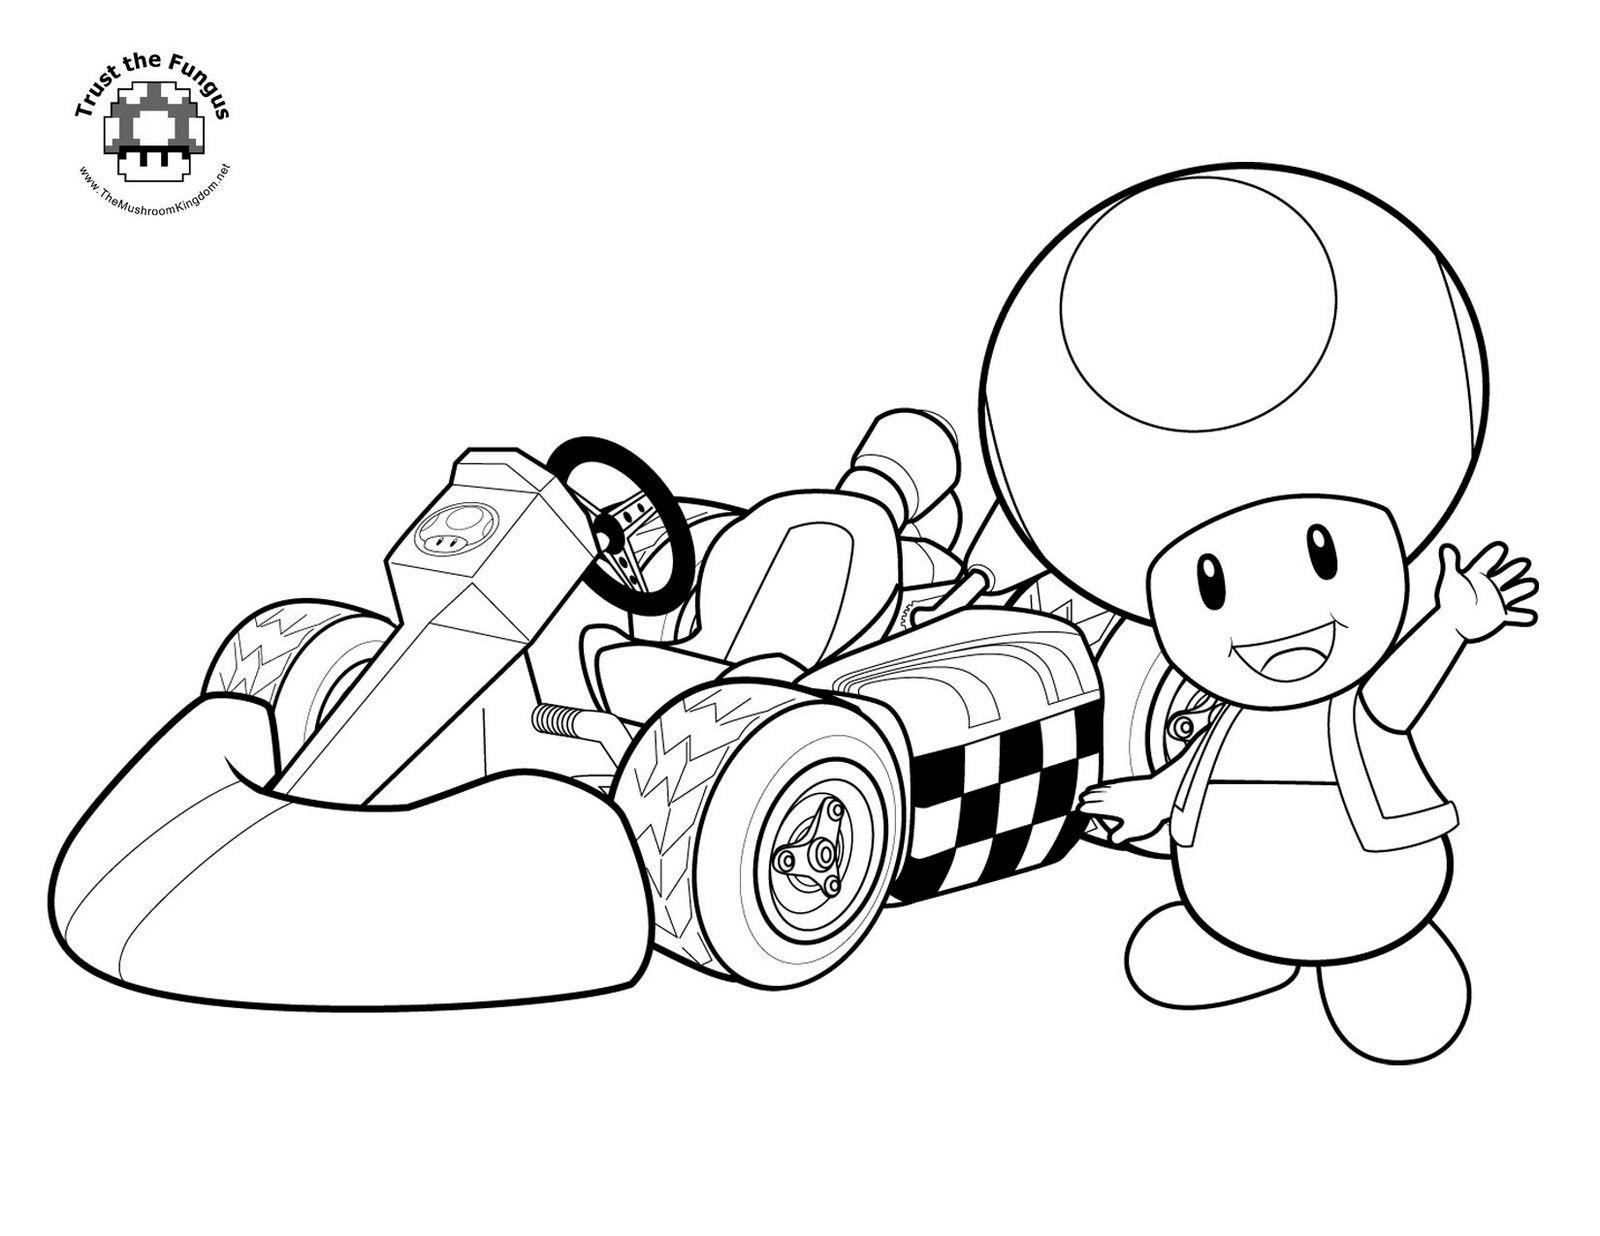 3 Worksheet Free Coloring Sheets To Print Mario 4590 Mario Free Clipart 21 In 2020 Mario Coloring Pages Coloring Pages Super Mario Coloring Pages